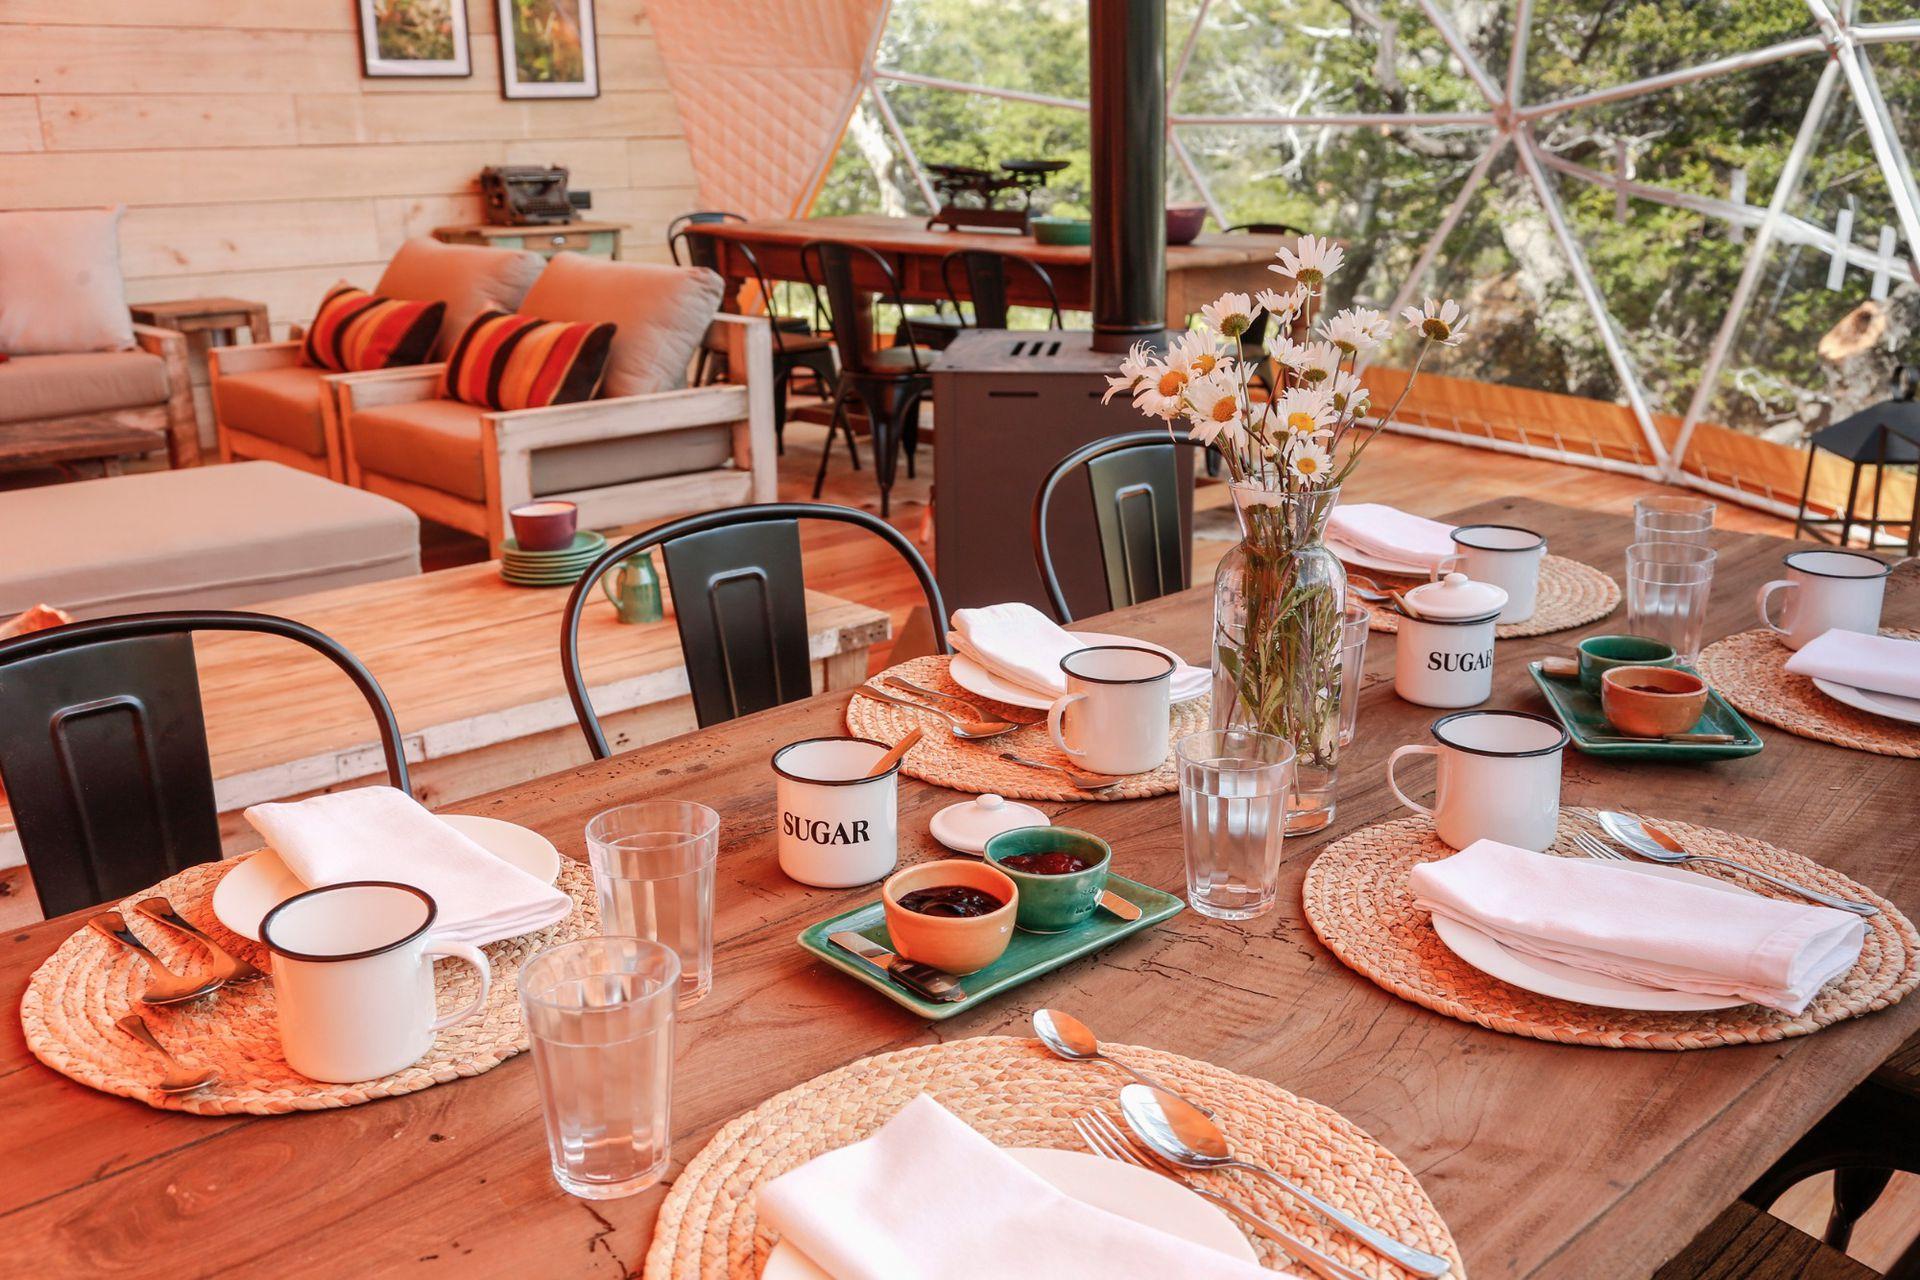 El desayuno listo en el domo house, un espacio amplio y de cálida decoración.